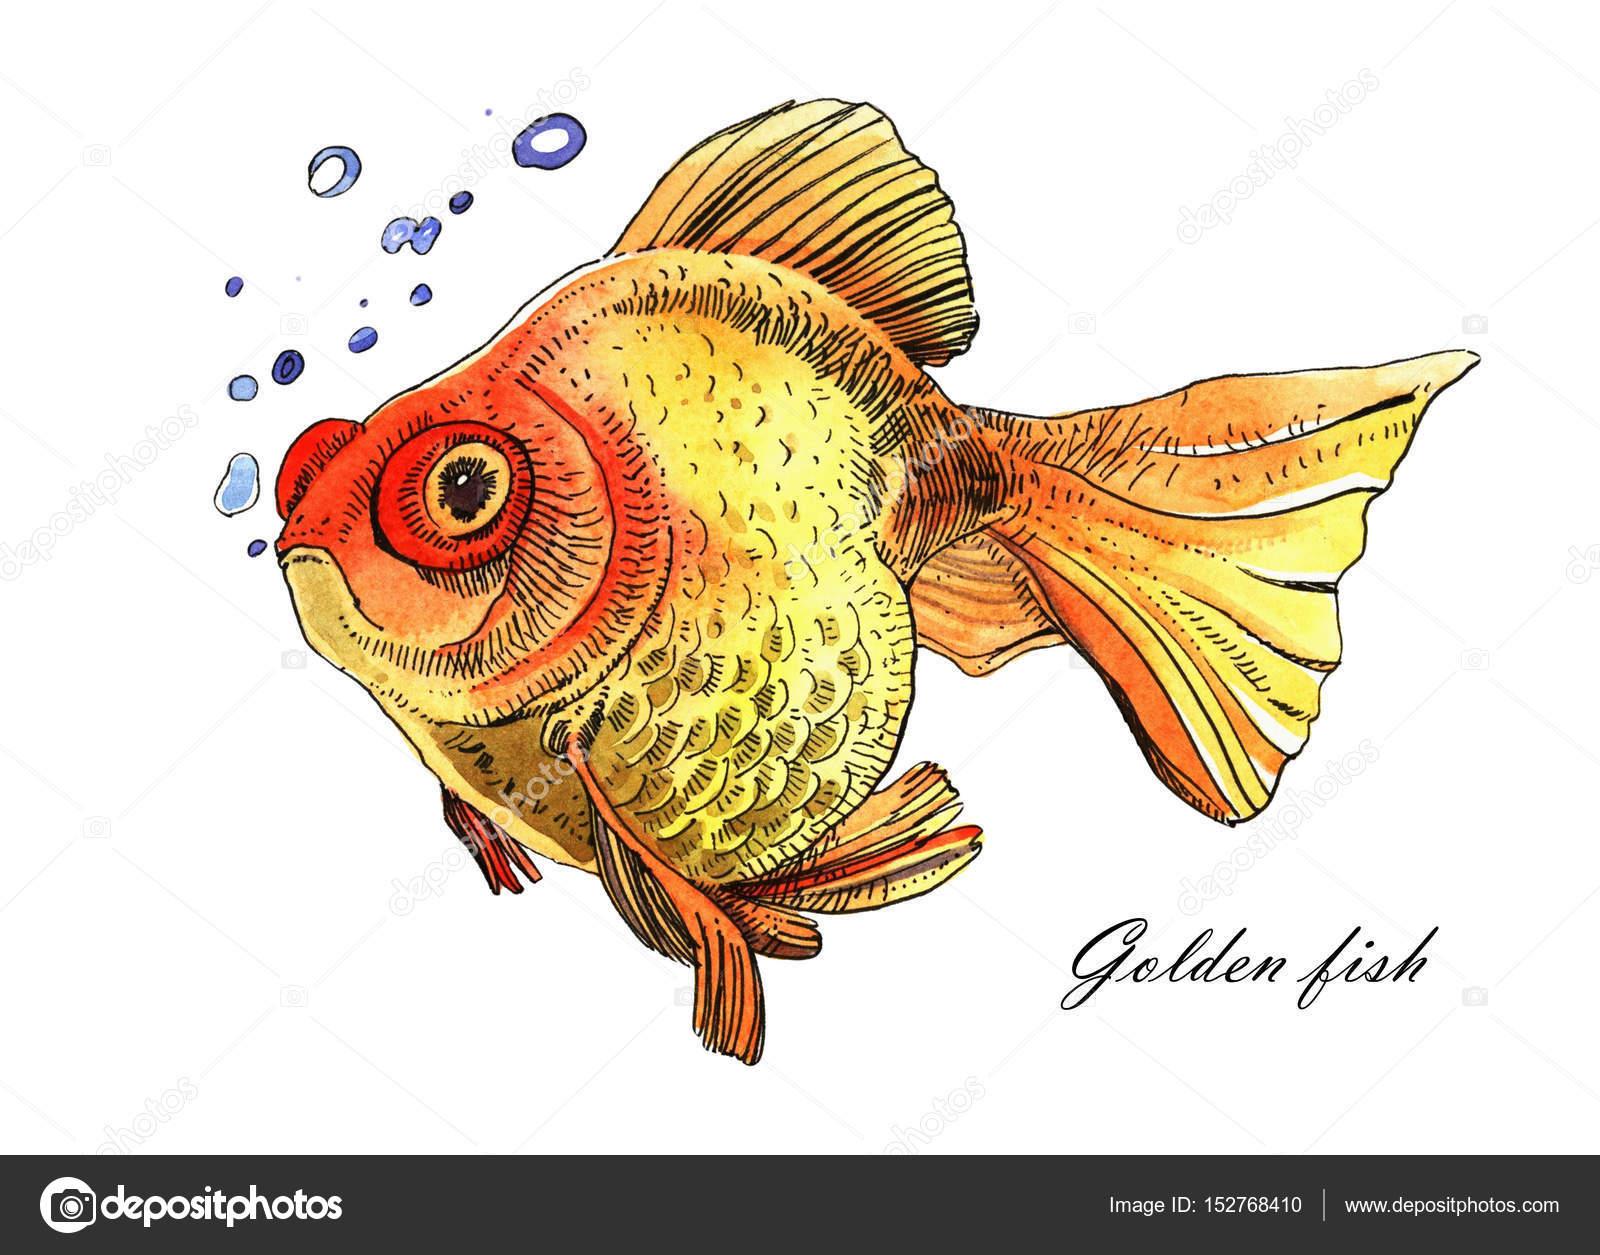 Dibujos Acuarelas Para Pintar Pez Dorado Acuarela Mano Pintado